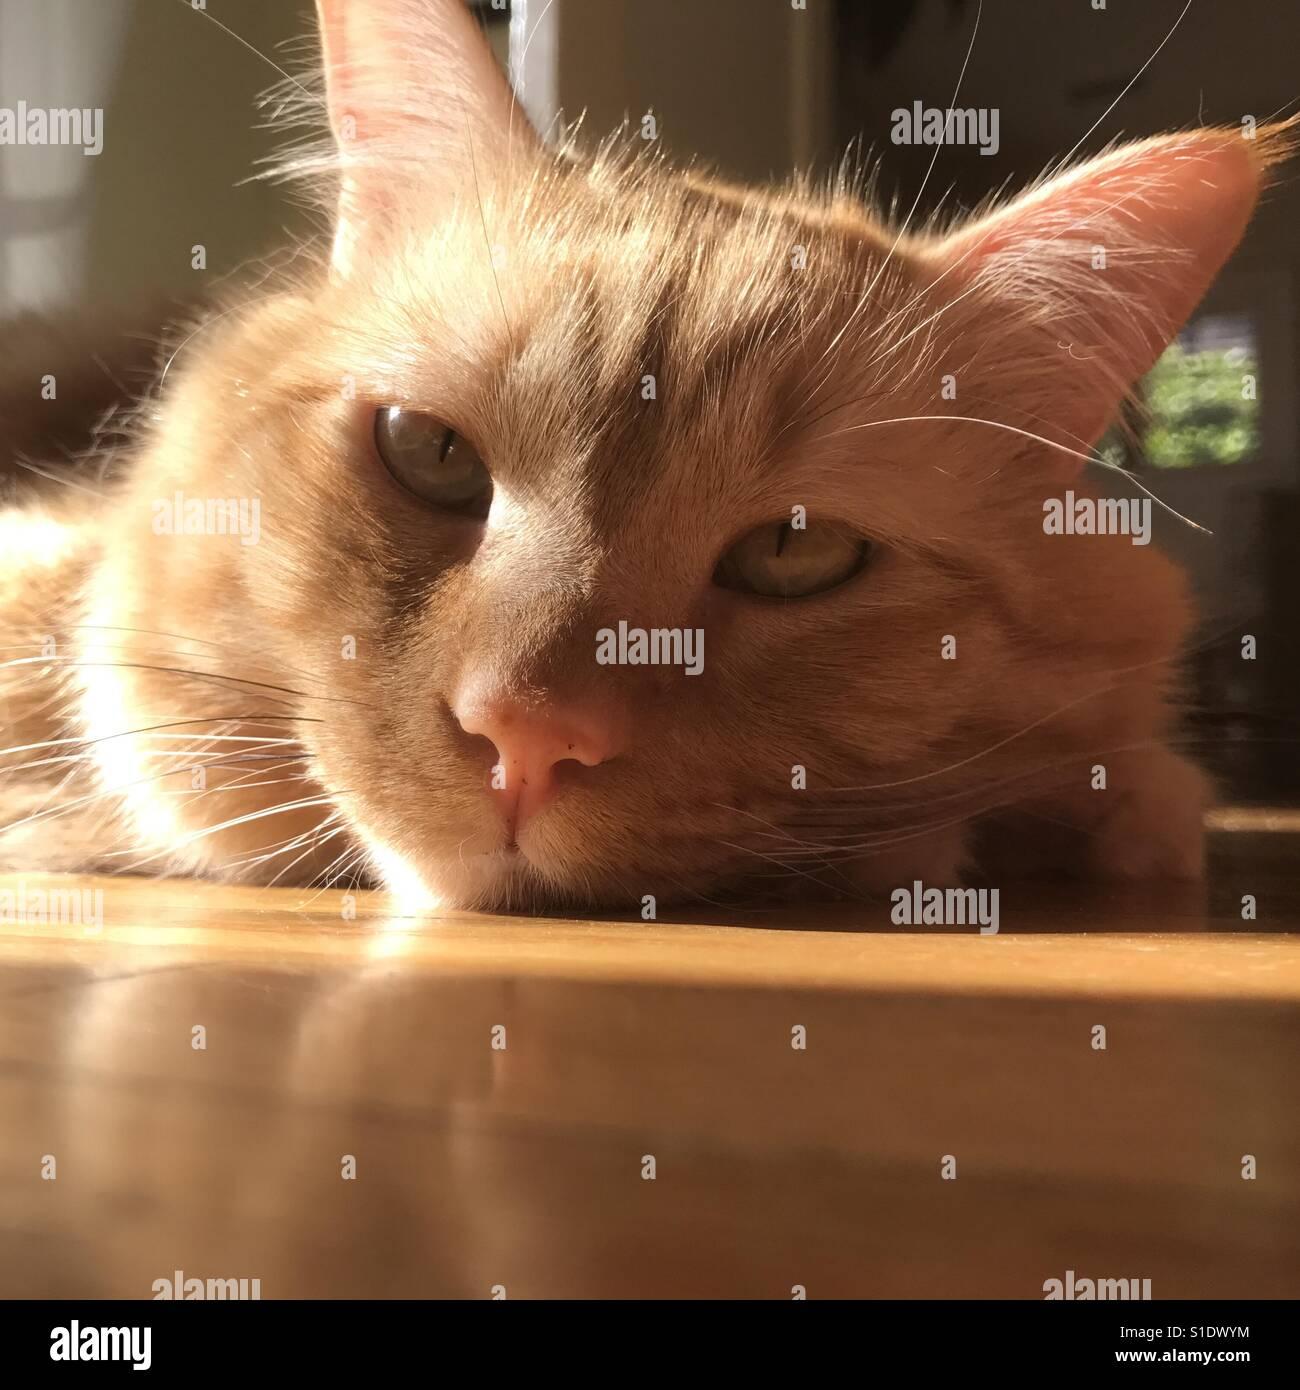 La hora de la siesta de la tarde Imagen De Stock